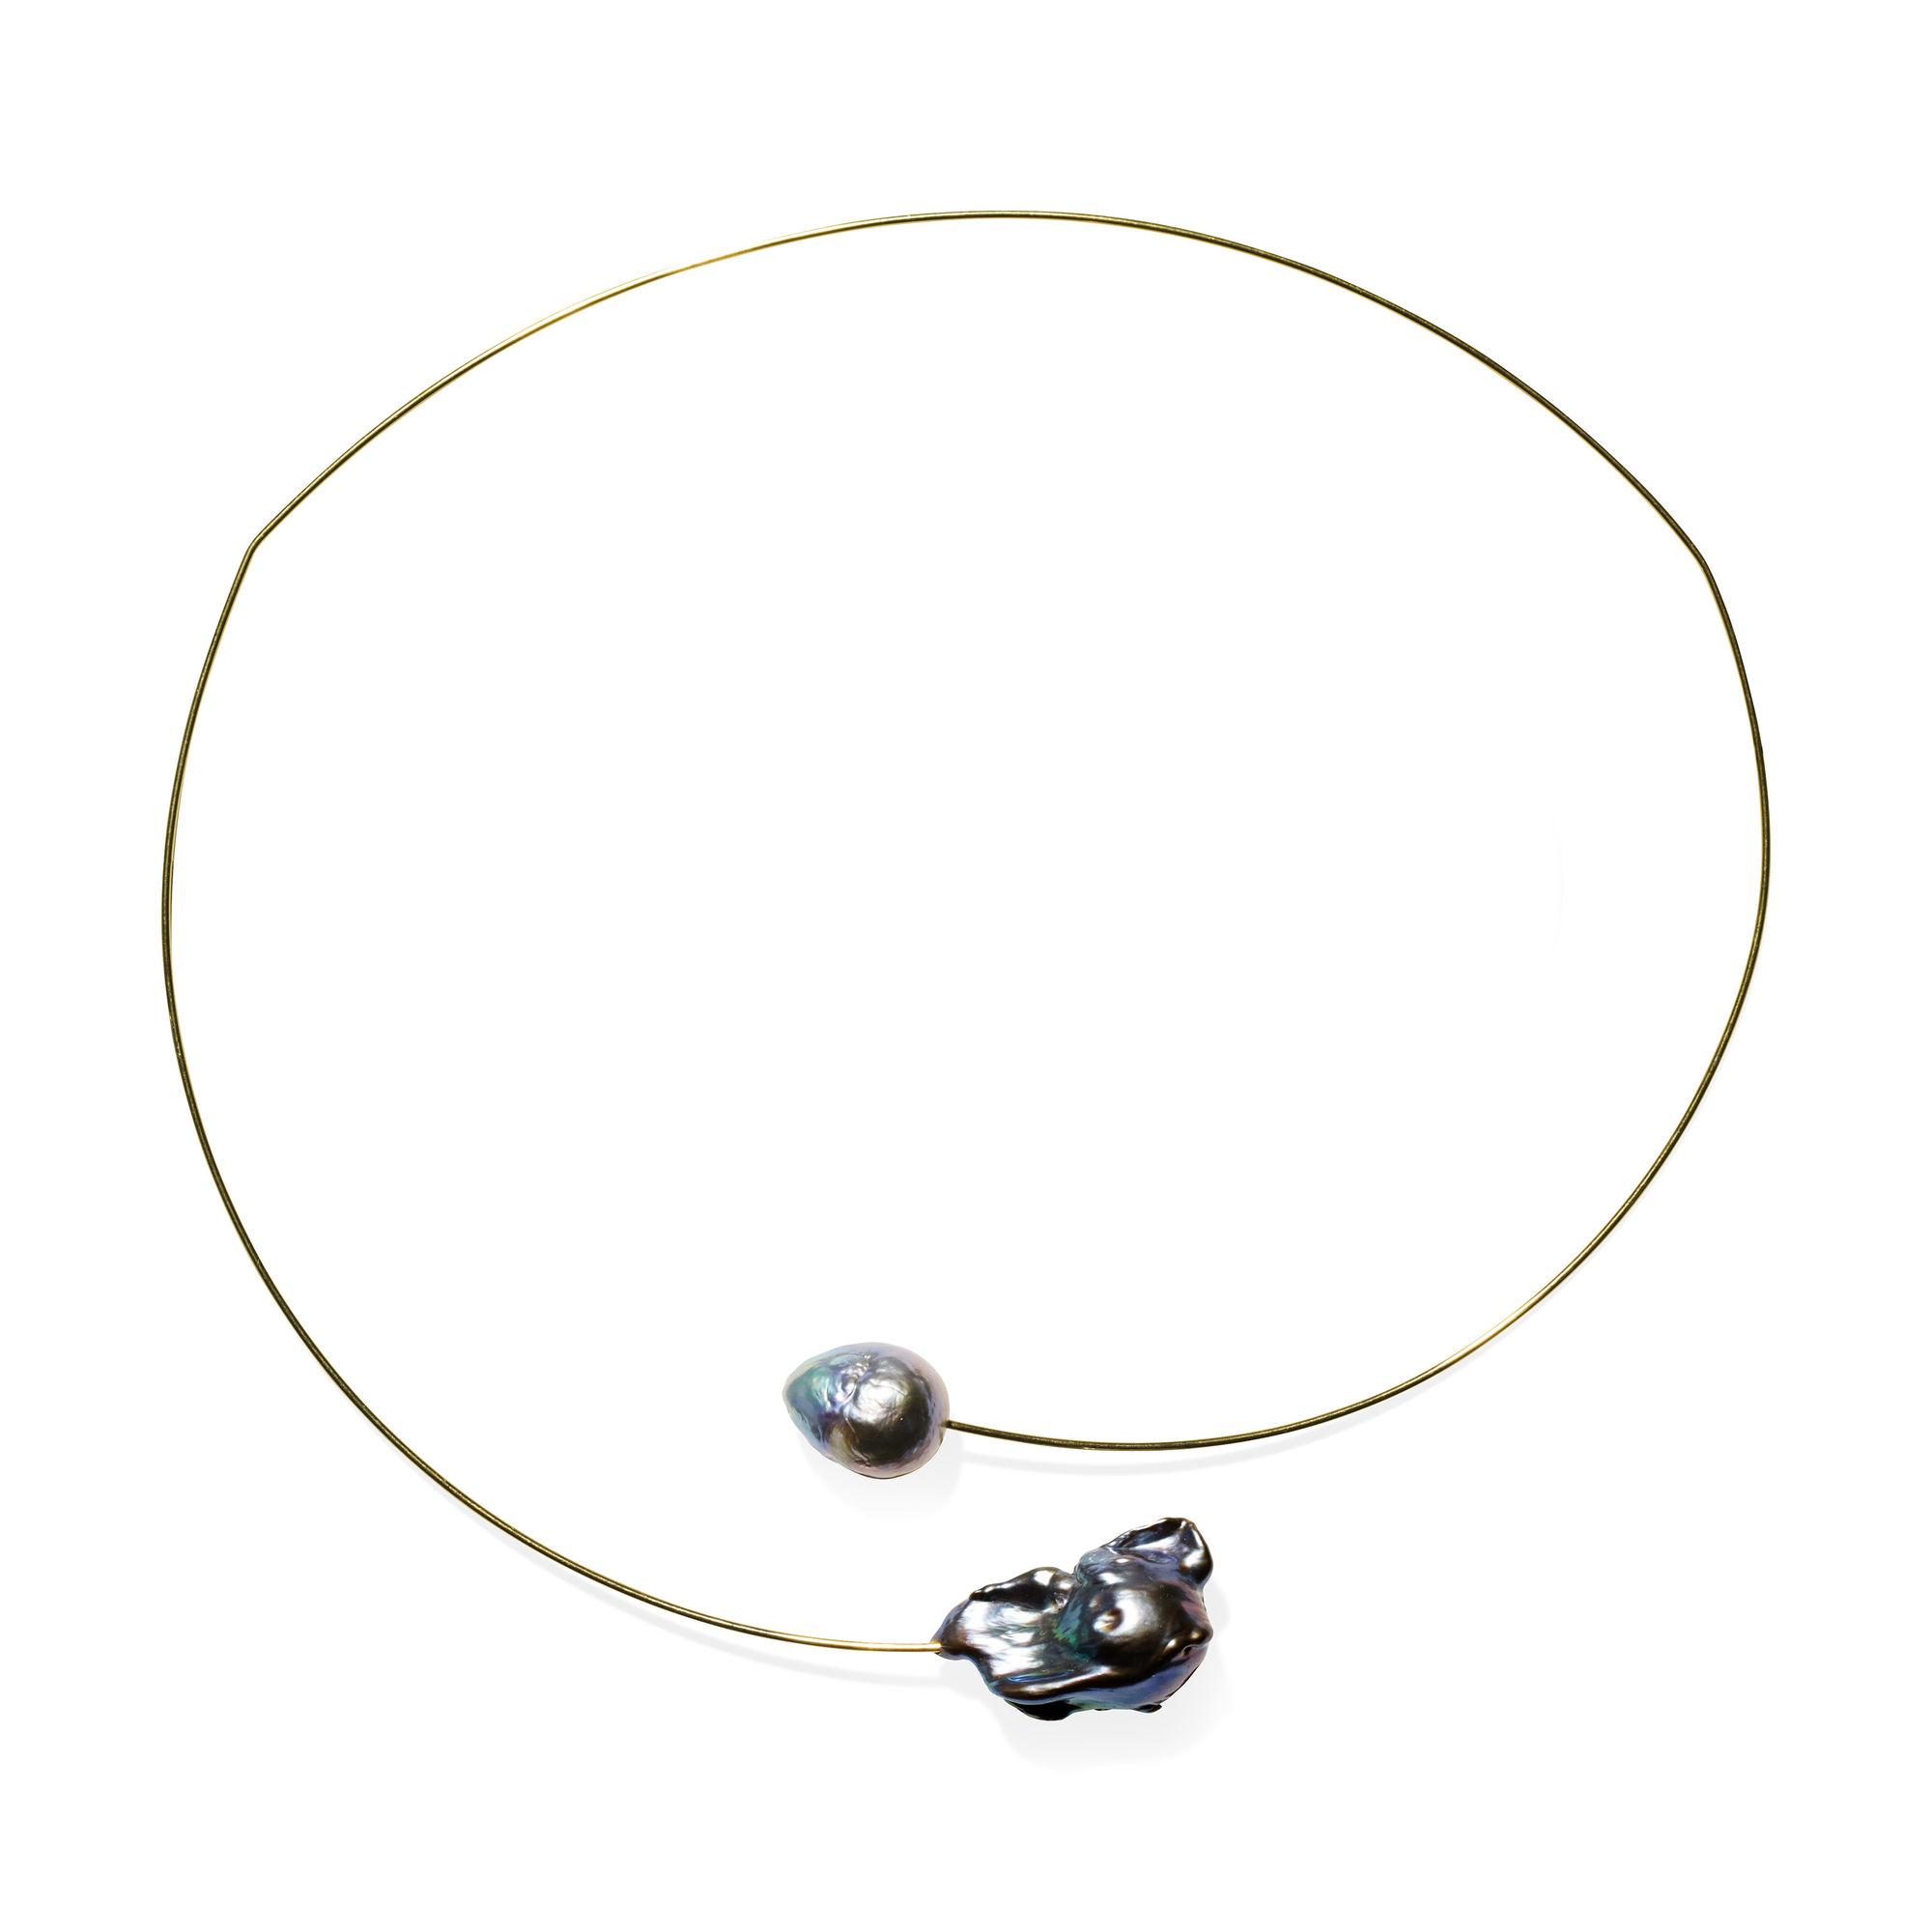 ケシパール ゴールドワイヤー ネックレスの商品画像